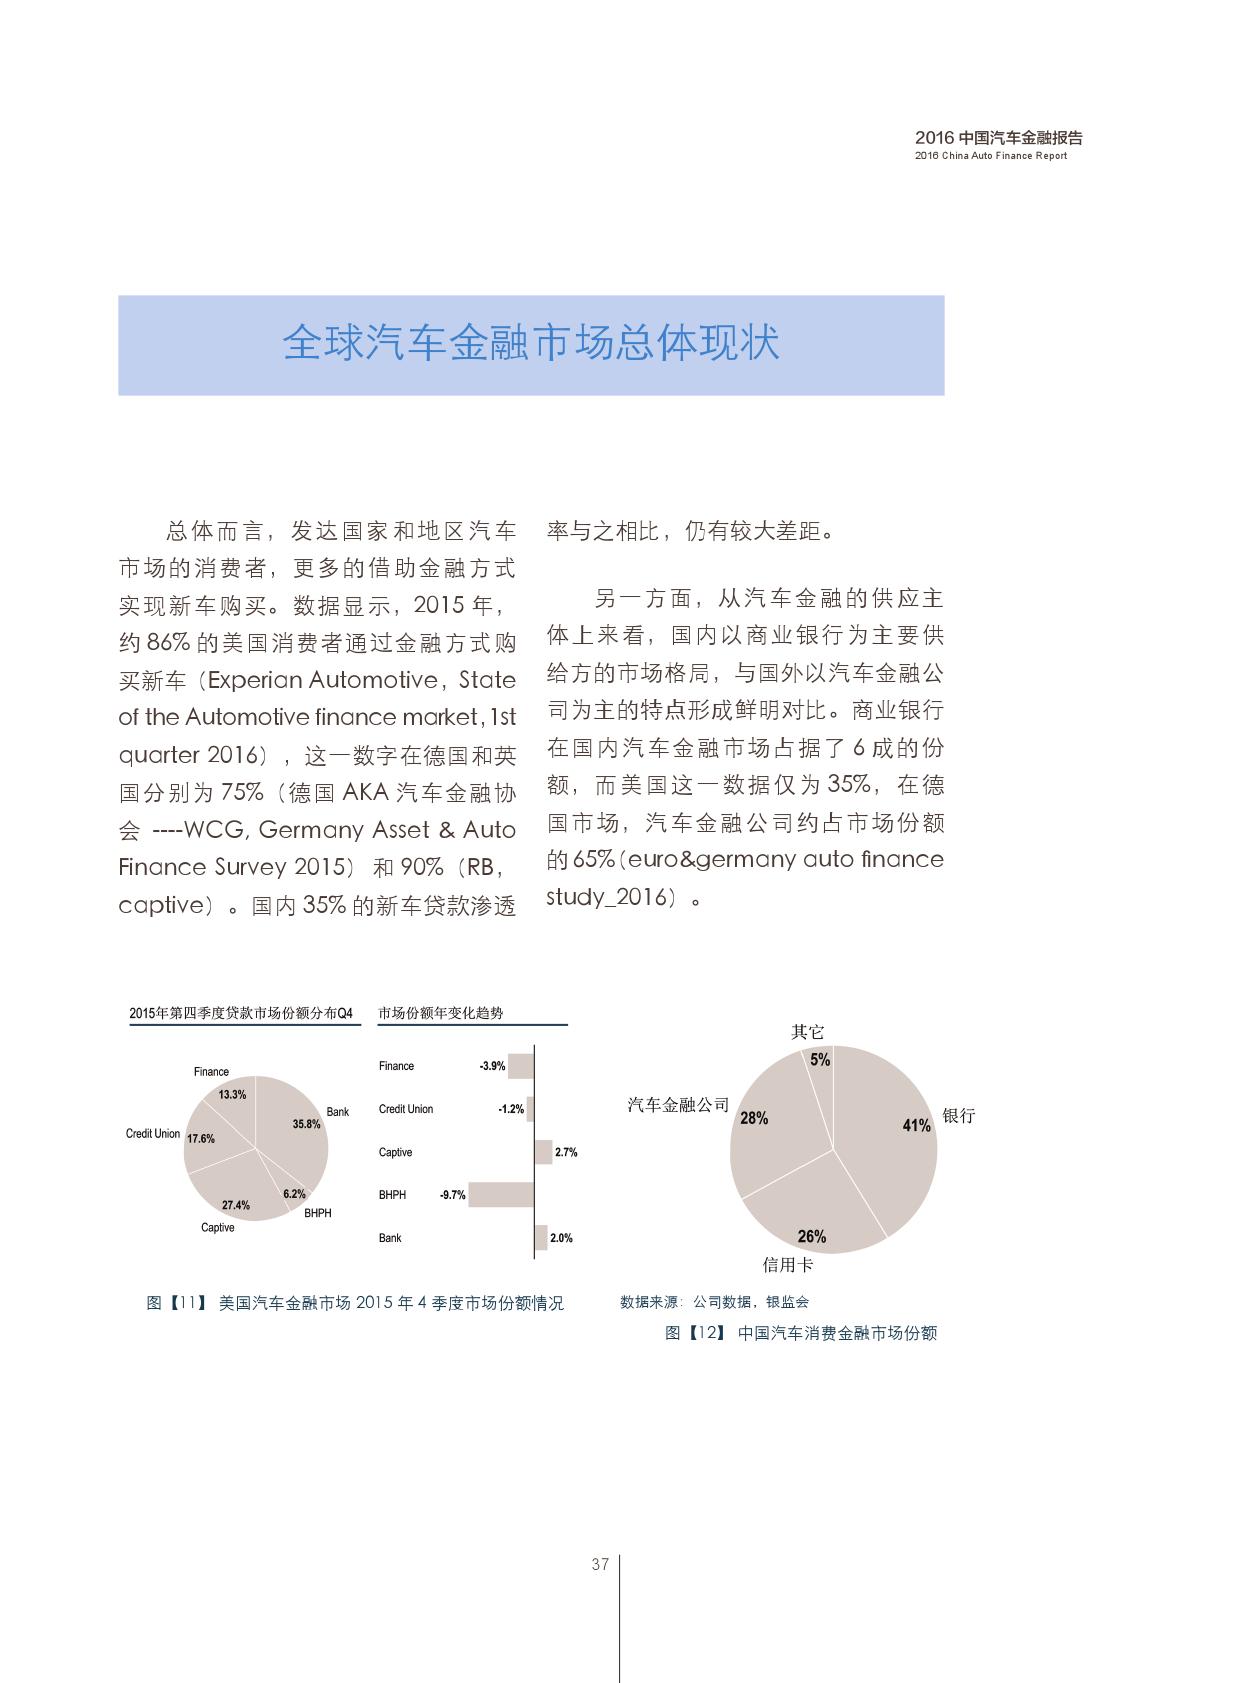 2016中国汽车金融报告_000038